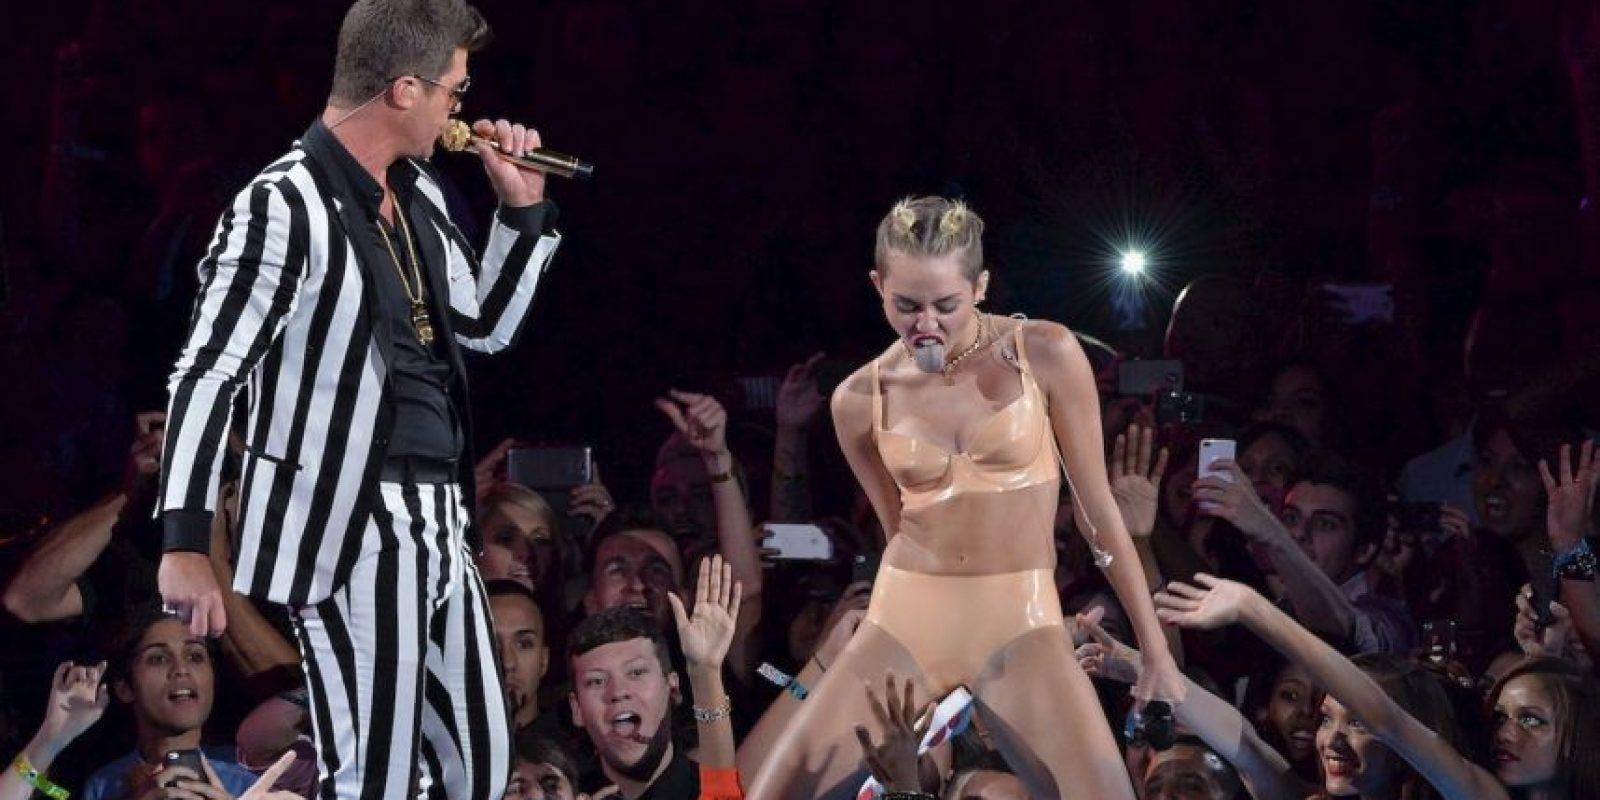 En 2013, luego mostrar su lado más salvaje en su performance para los premios MTV Video Music Awards, recibió 77 millones de dólares, según lo indicó el portal Fortune. Foto:Getty Images